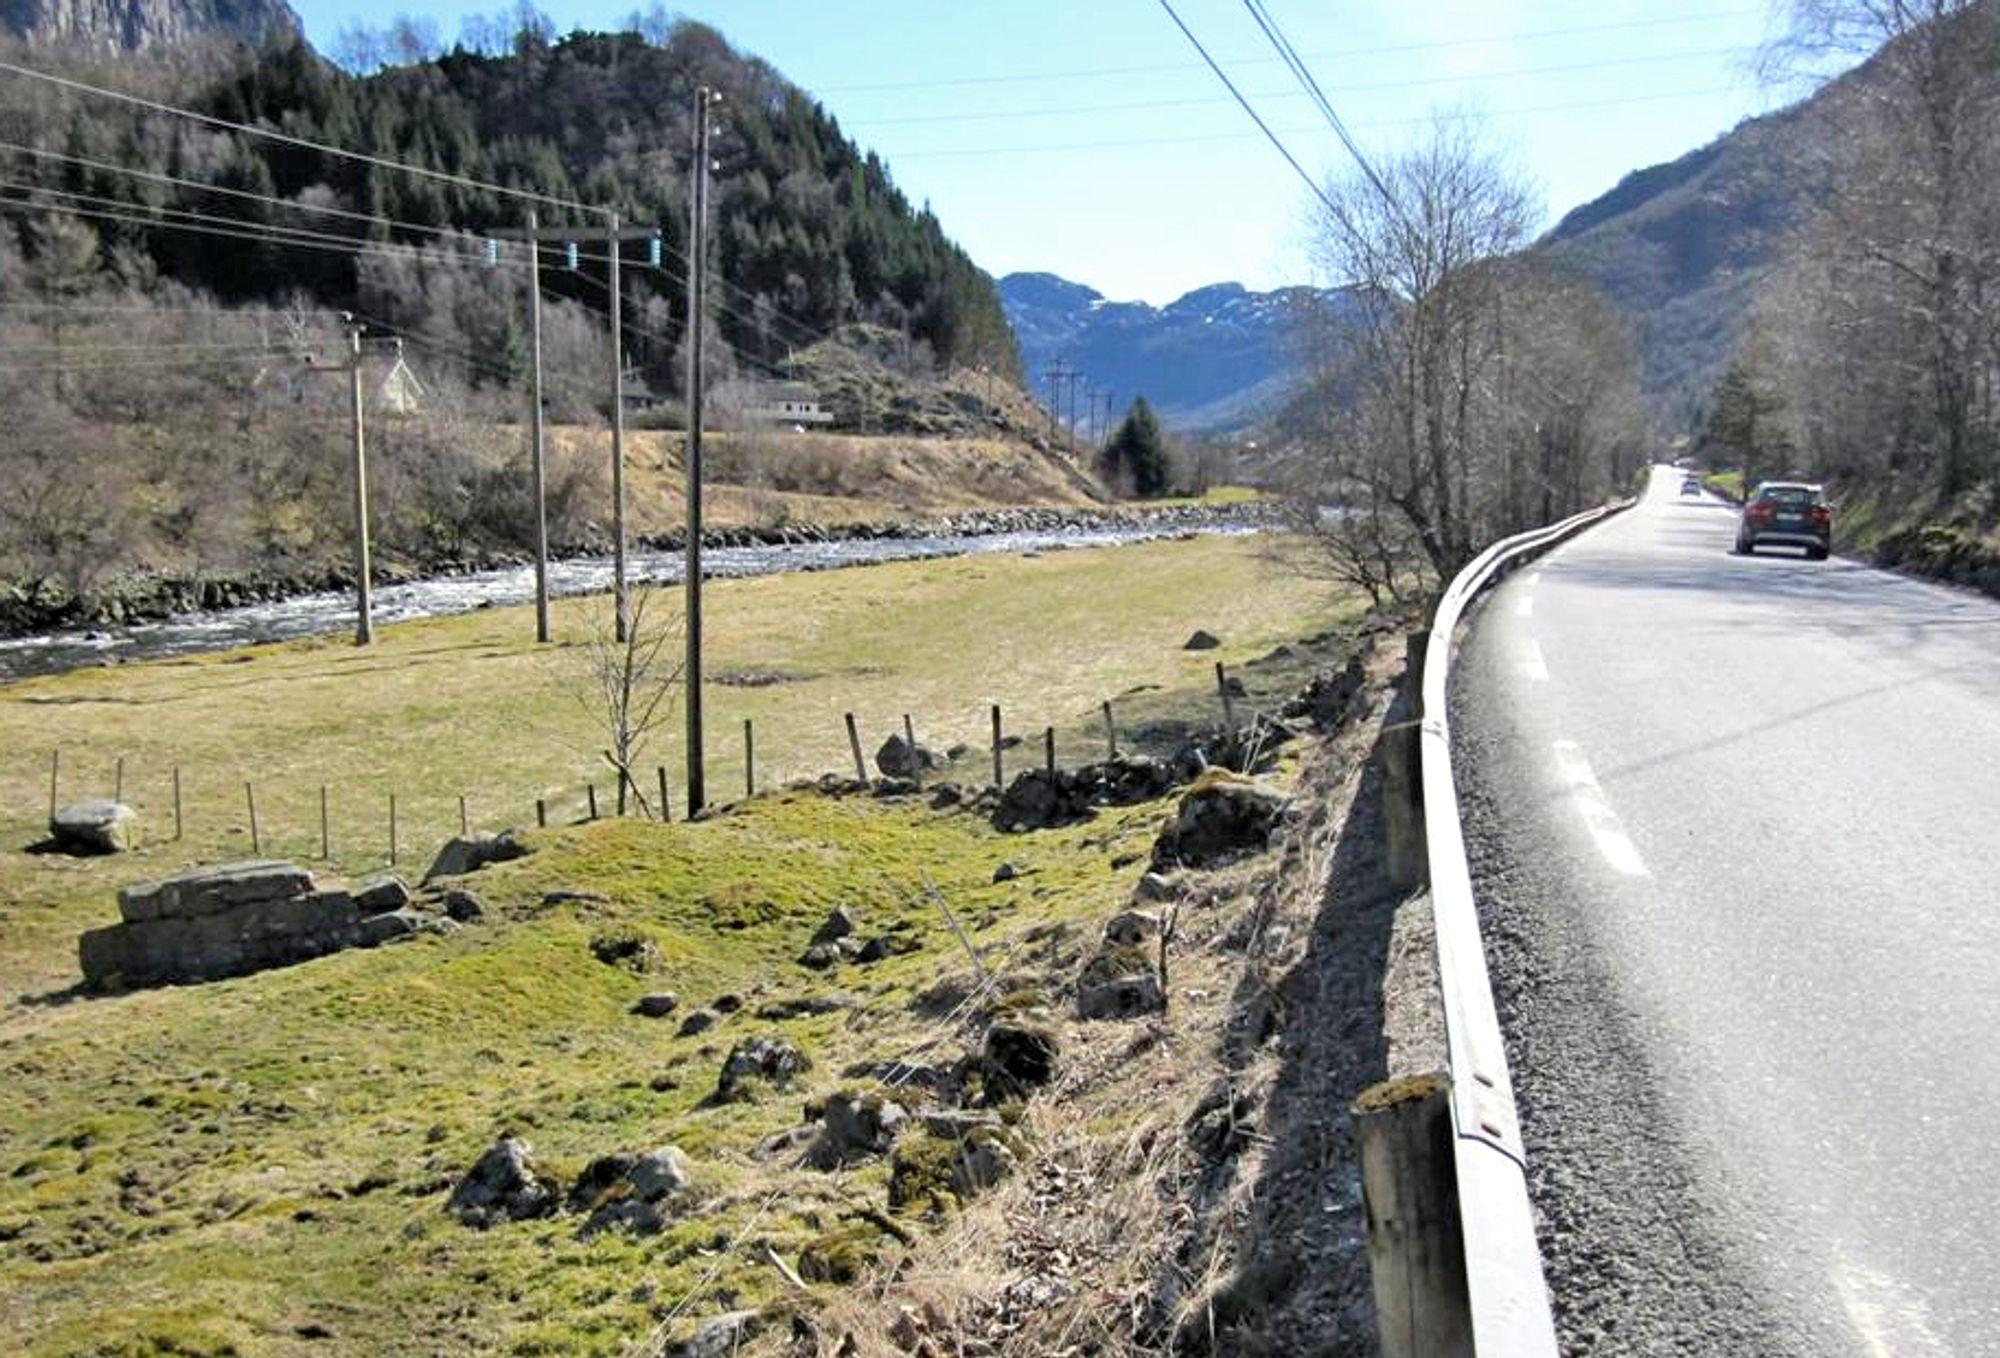 Her blir det trivelig å gå og sykle neste år. Gang/sykkelvegen skal gå langs bredden av Dirdalsåna som kommer inn til venstre på bildet.